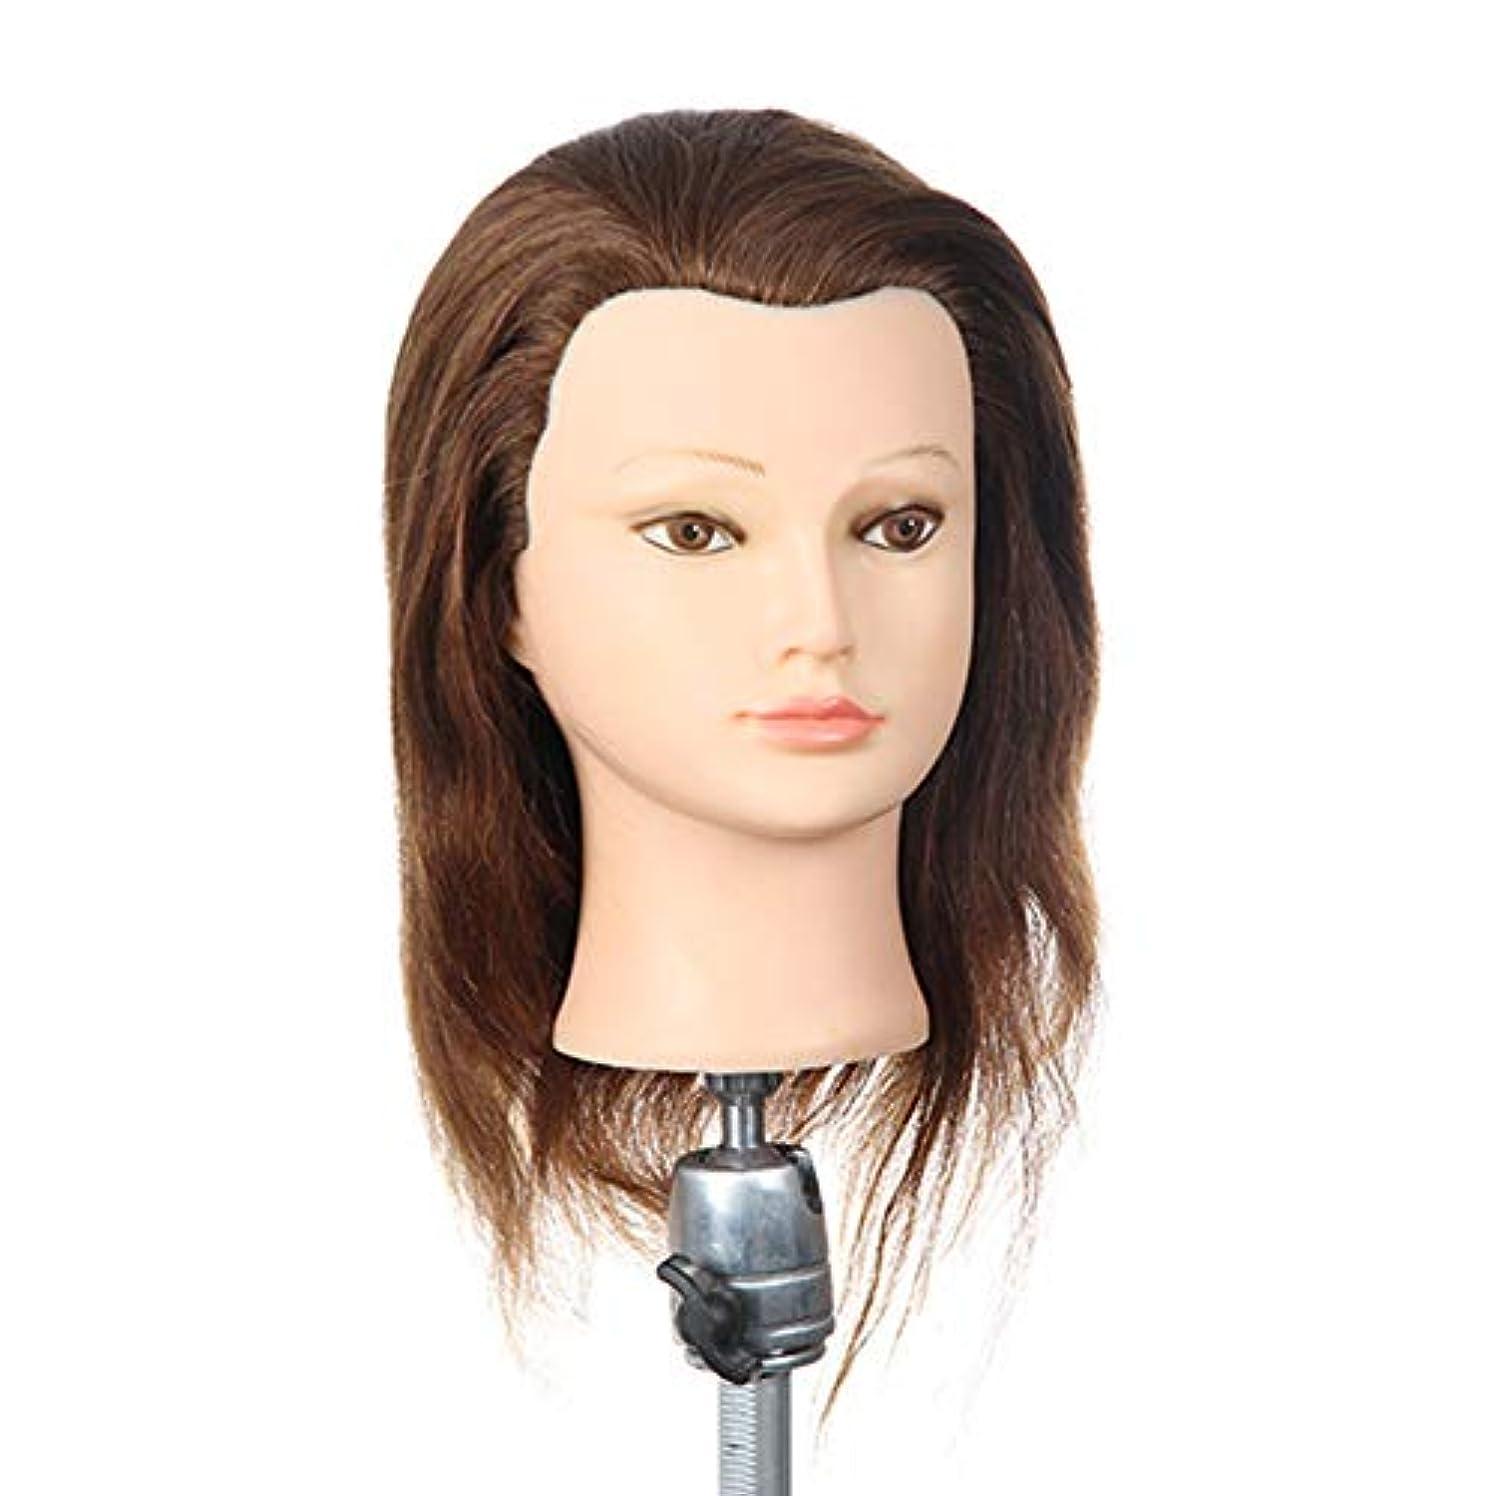 ハシー似ているファンネルウェブスパイダーパーマ髪染めティーチングヘッドメイクヘアスタイリングモデルヘッド理髪練習ヘッドブローホットロールマネキンヘッド